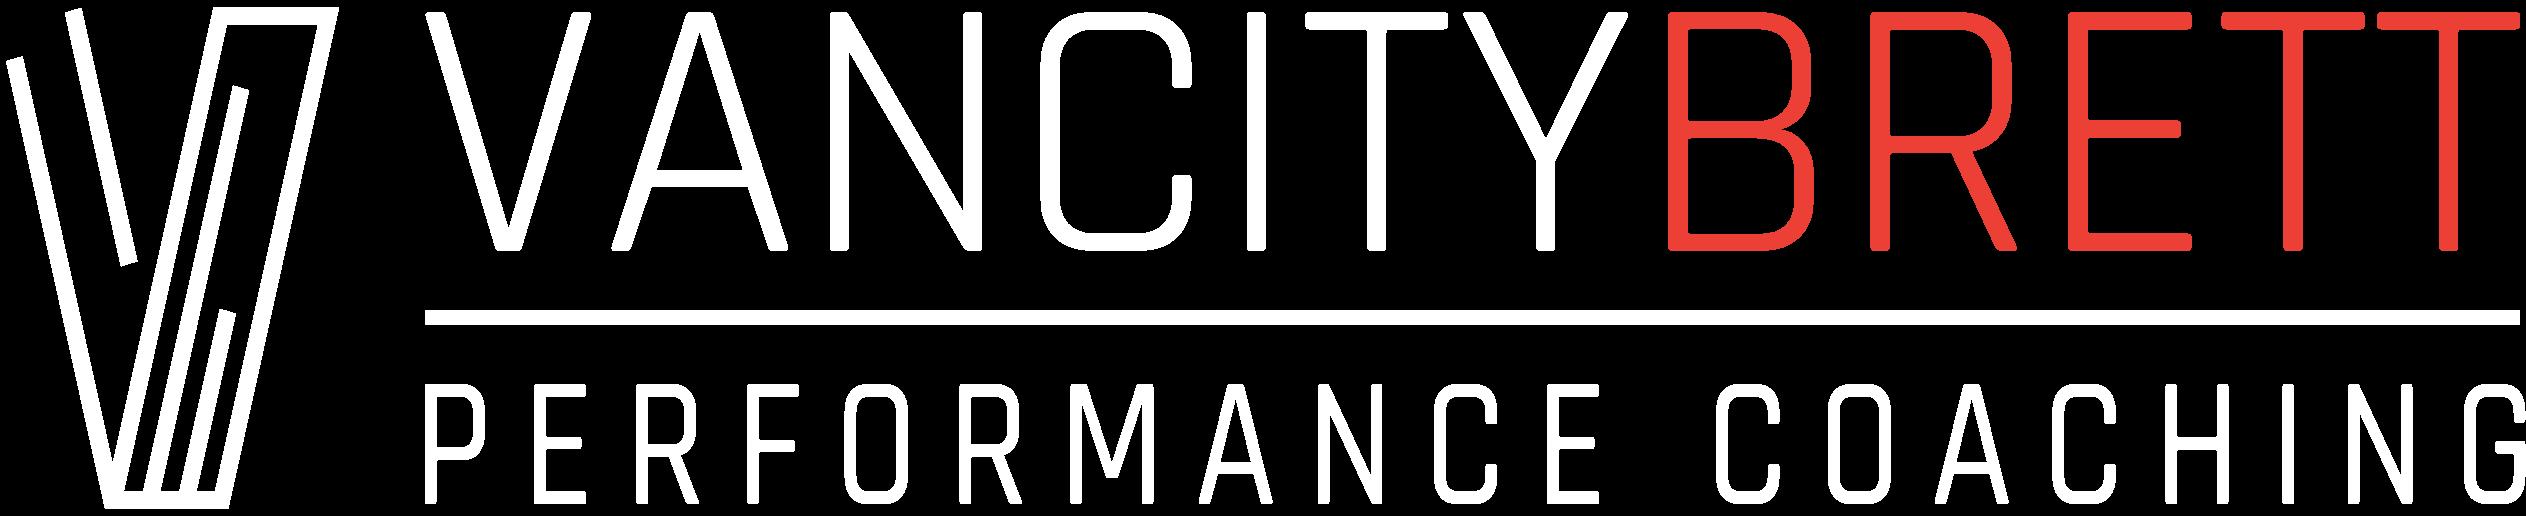 Vancity Brett Banner Logo